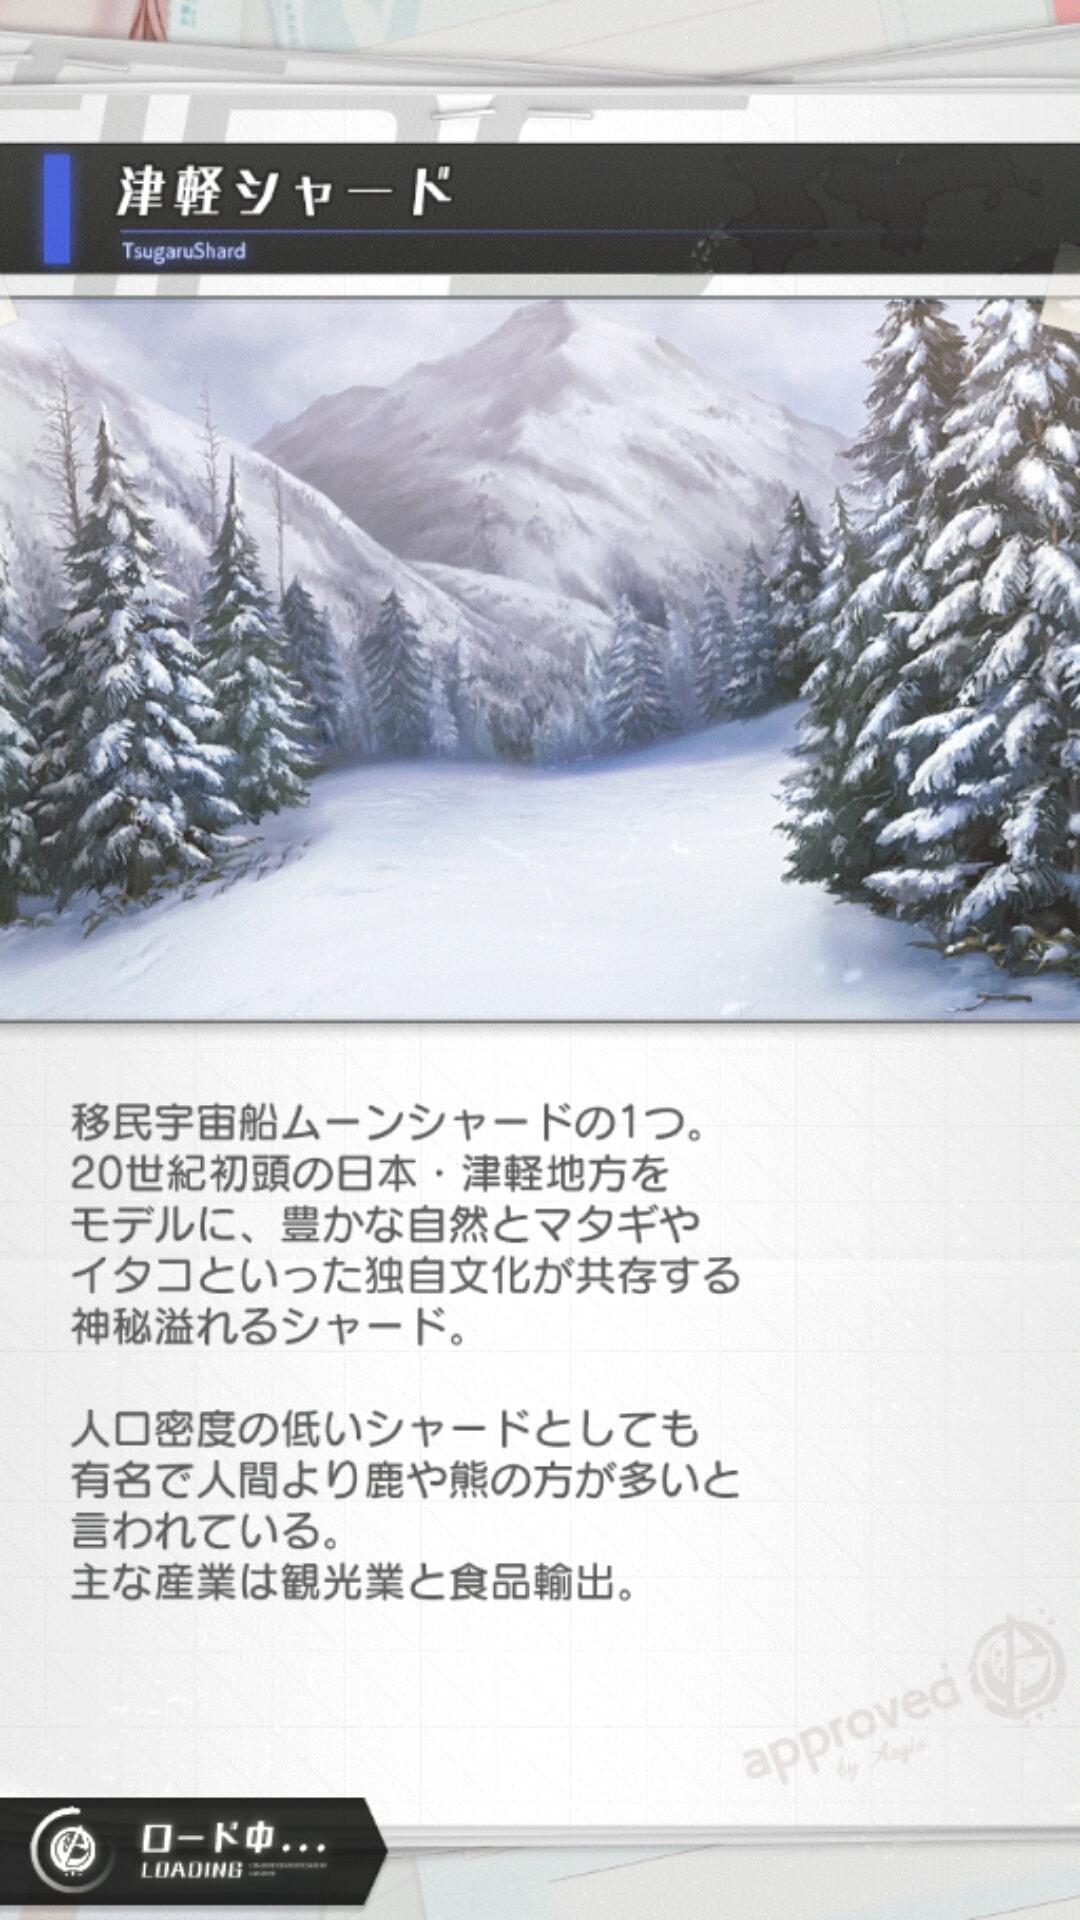 津軽シャード.jpg